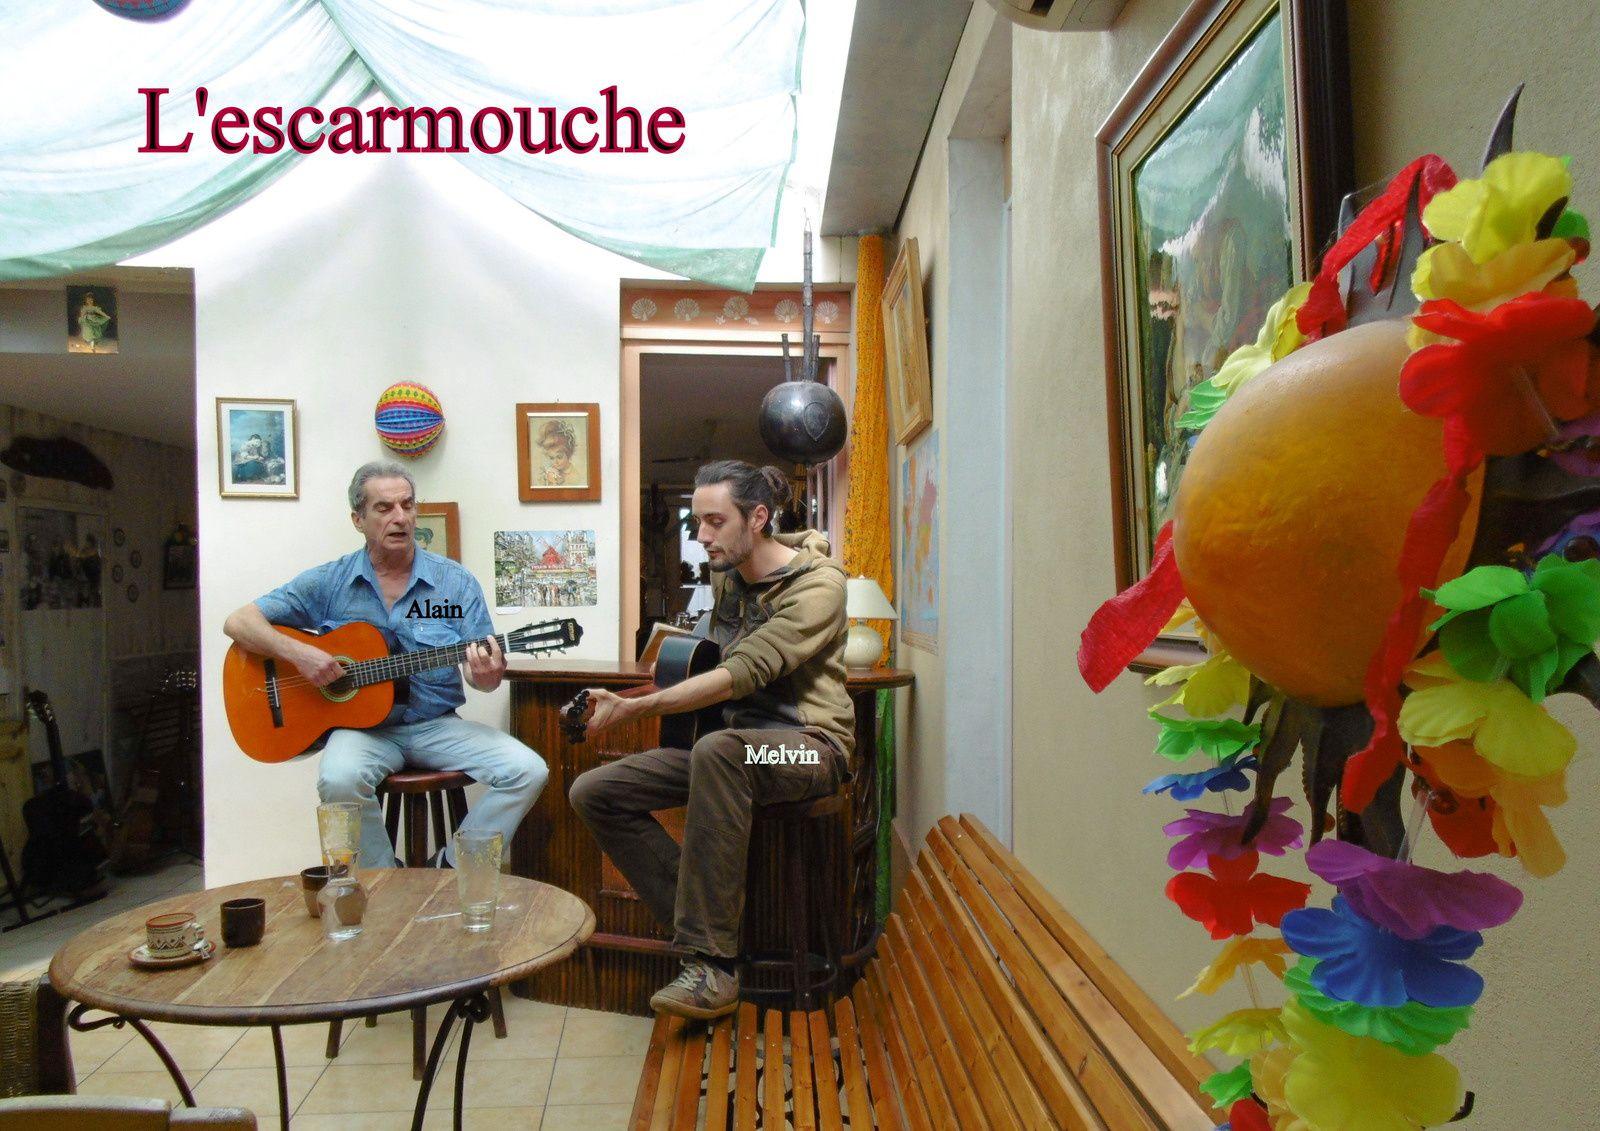 30 - Melvin et Alain.. Le barde authentix Chanteurs et guitaristes à l'Escarmouche. Alerte Rapt Enlèvement.